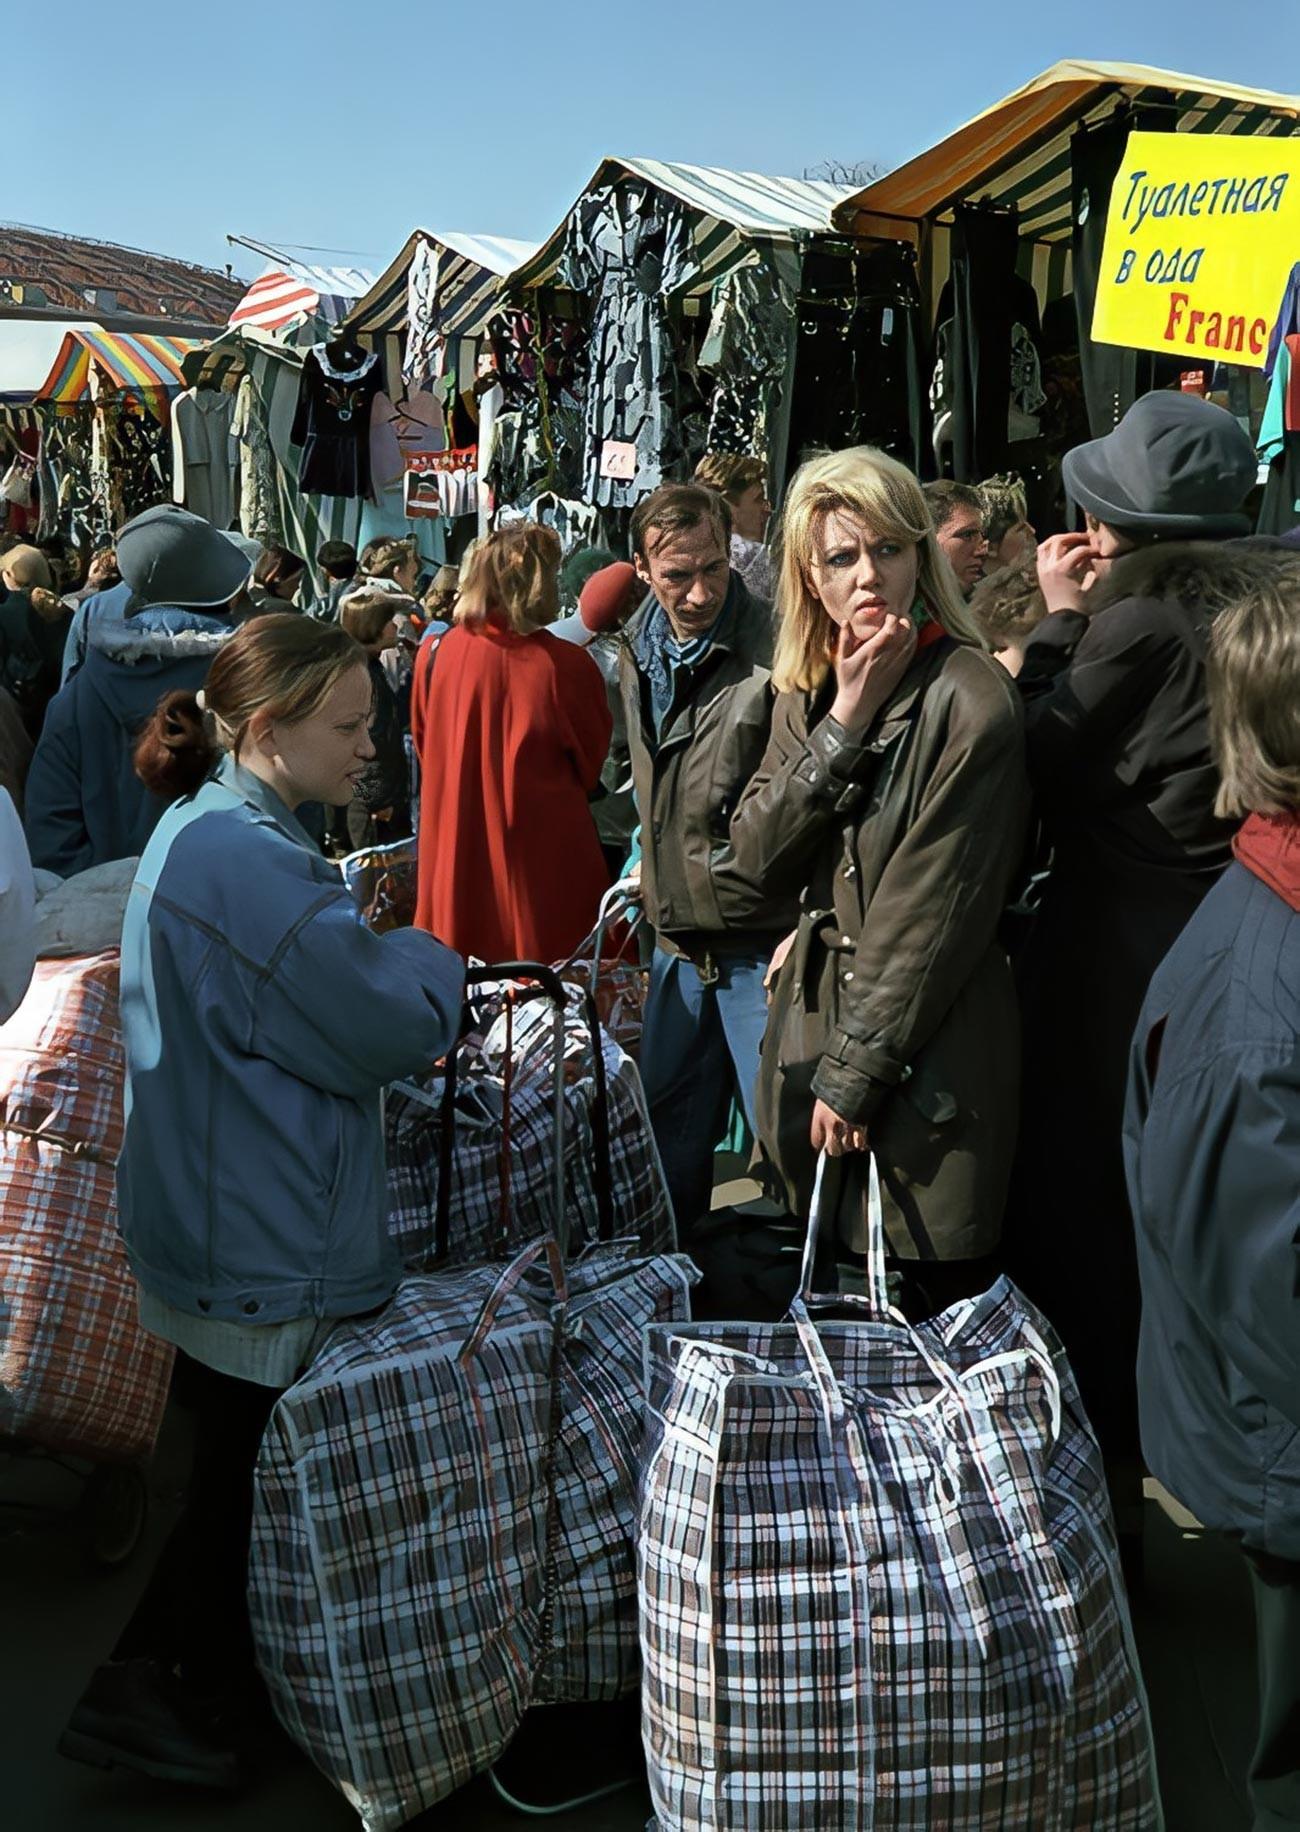 Mercado em Moscou, década de 1990.